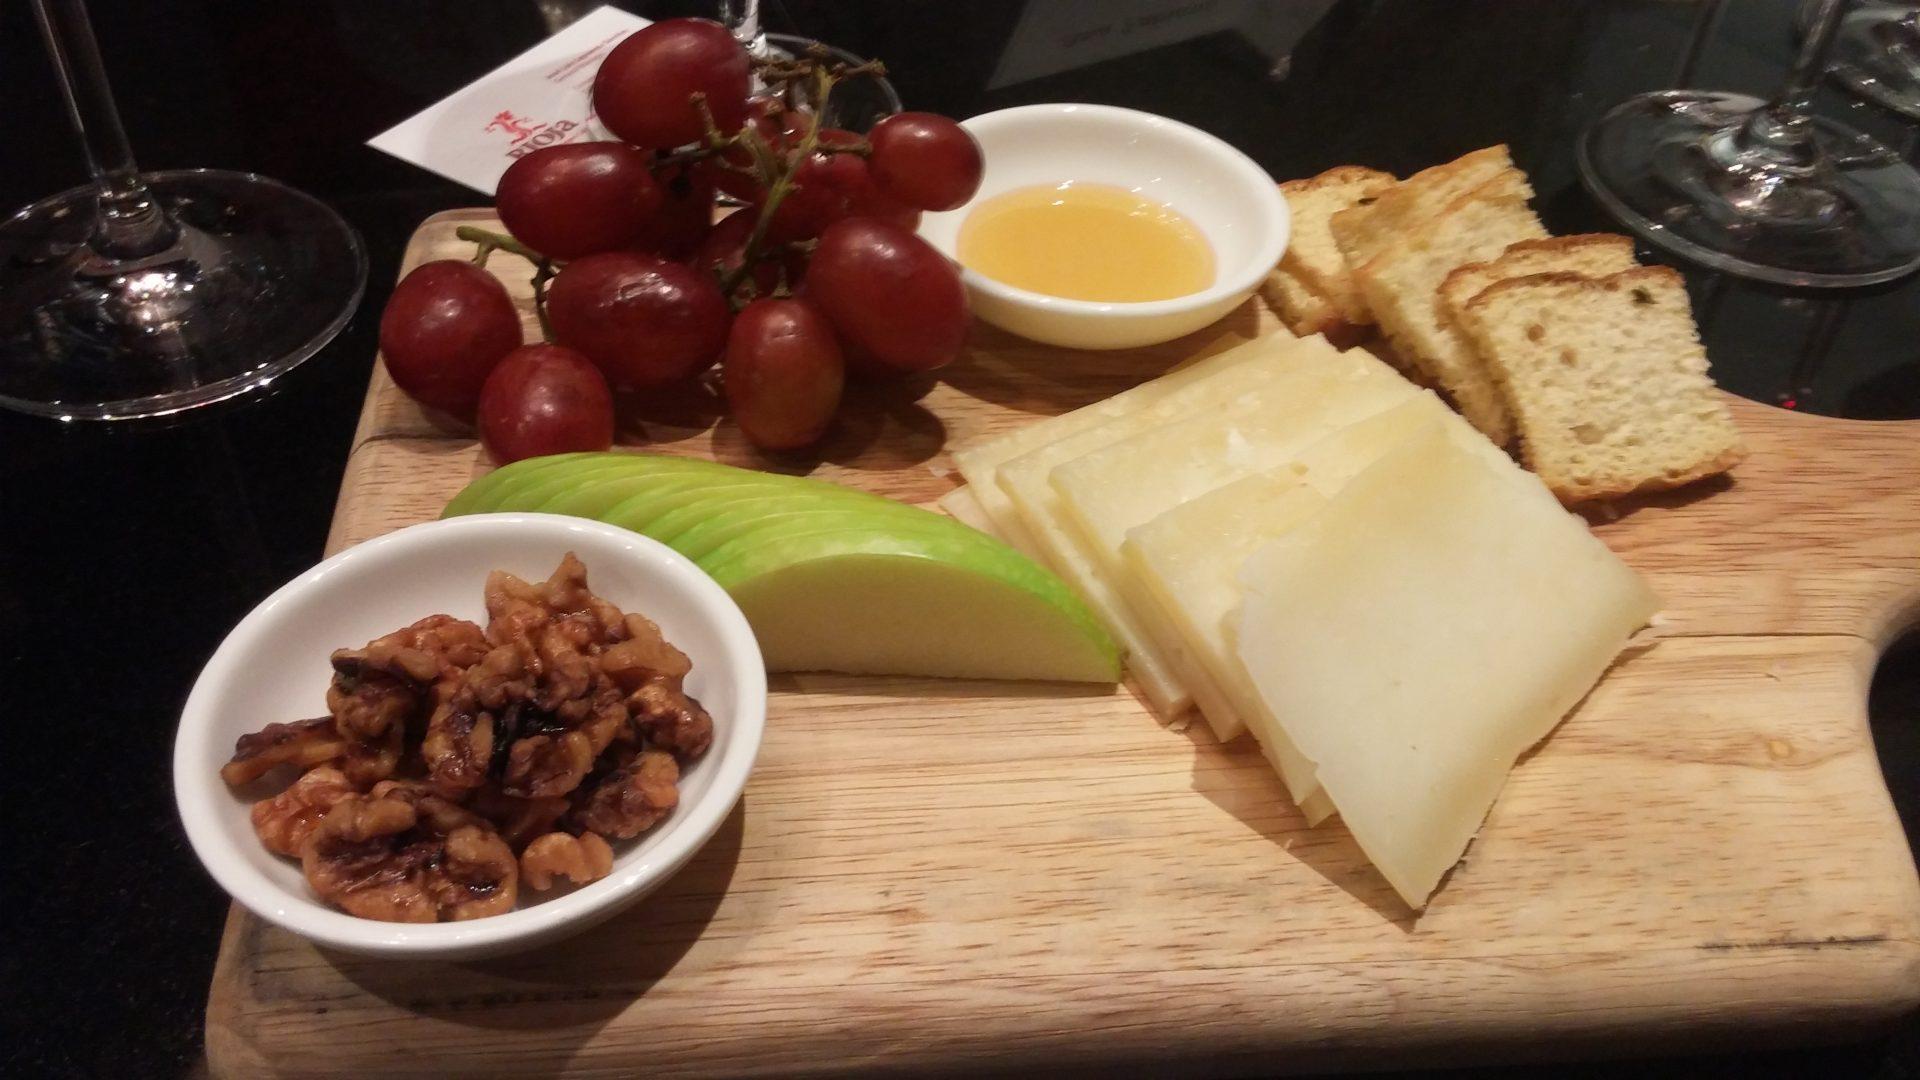 Cape Vessey cheese board